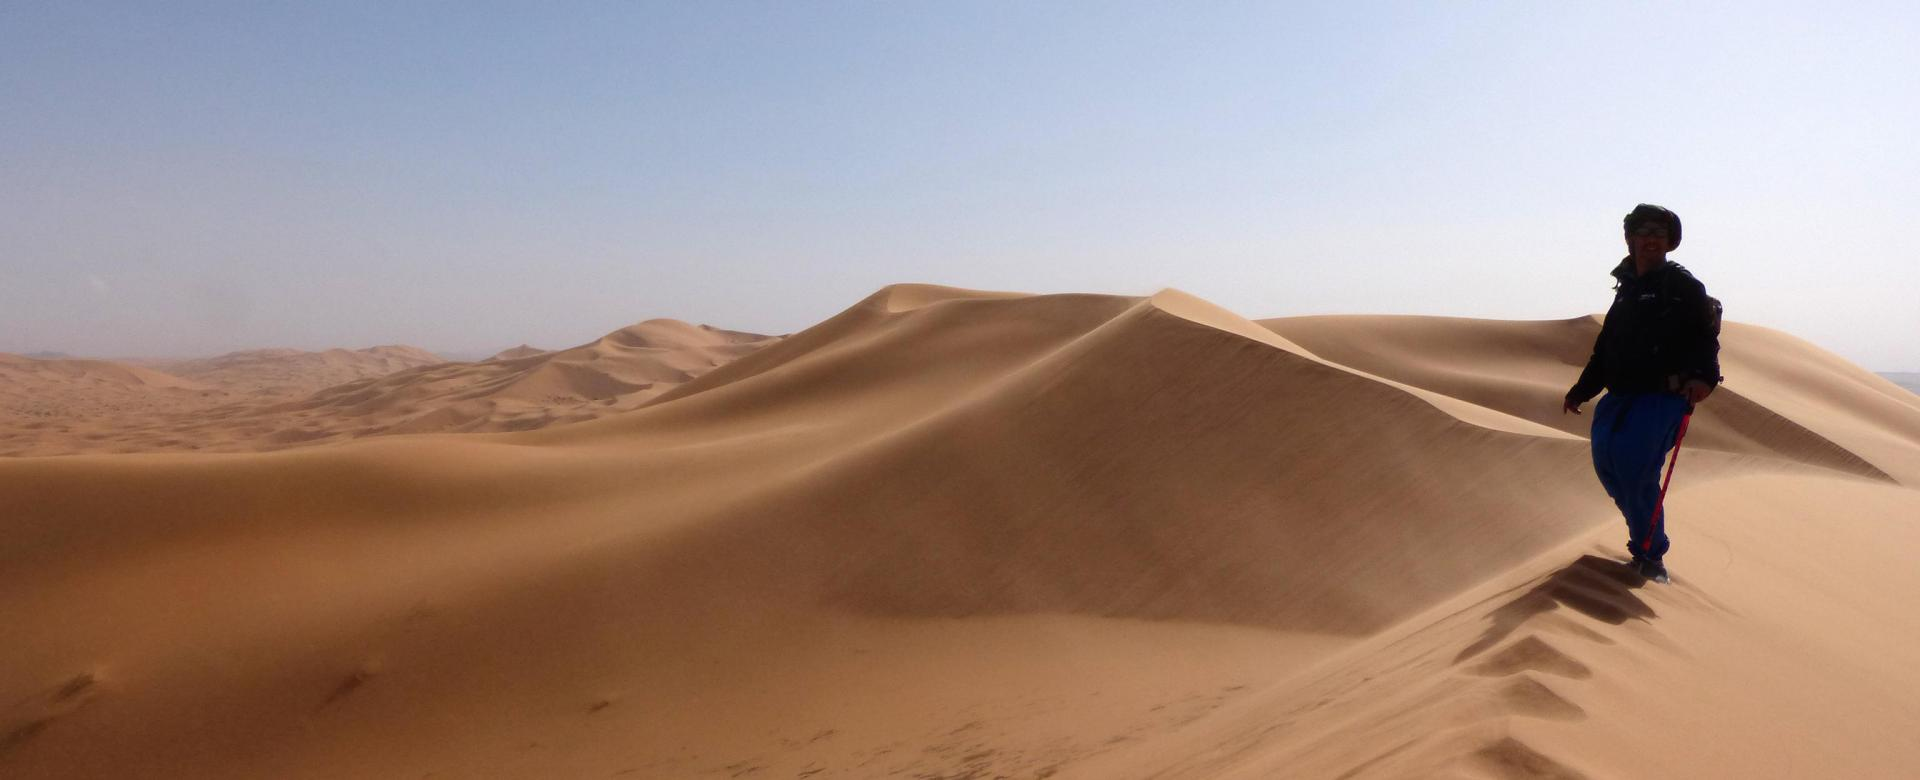 Voyage avec des animaux Maroc : Là-bas au sud, le désert